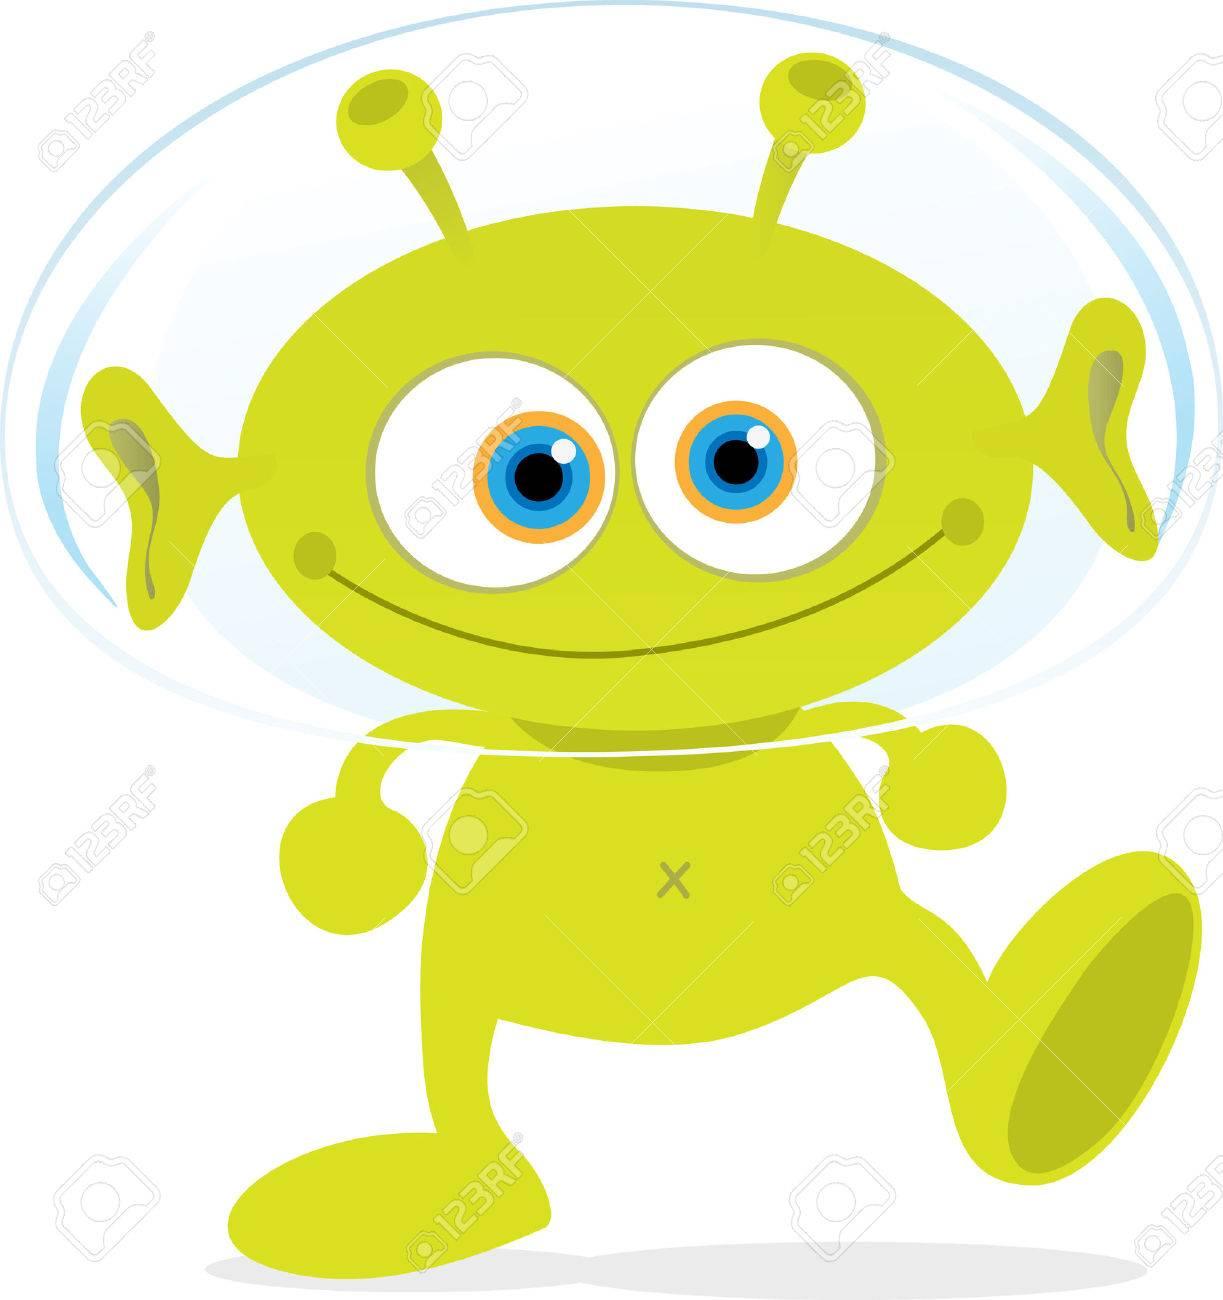 Cartoon Illustration of Walking Green Alien Stock Vector - 4714675